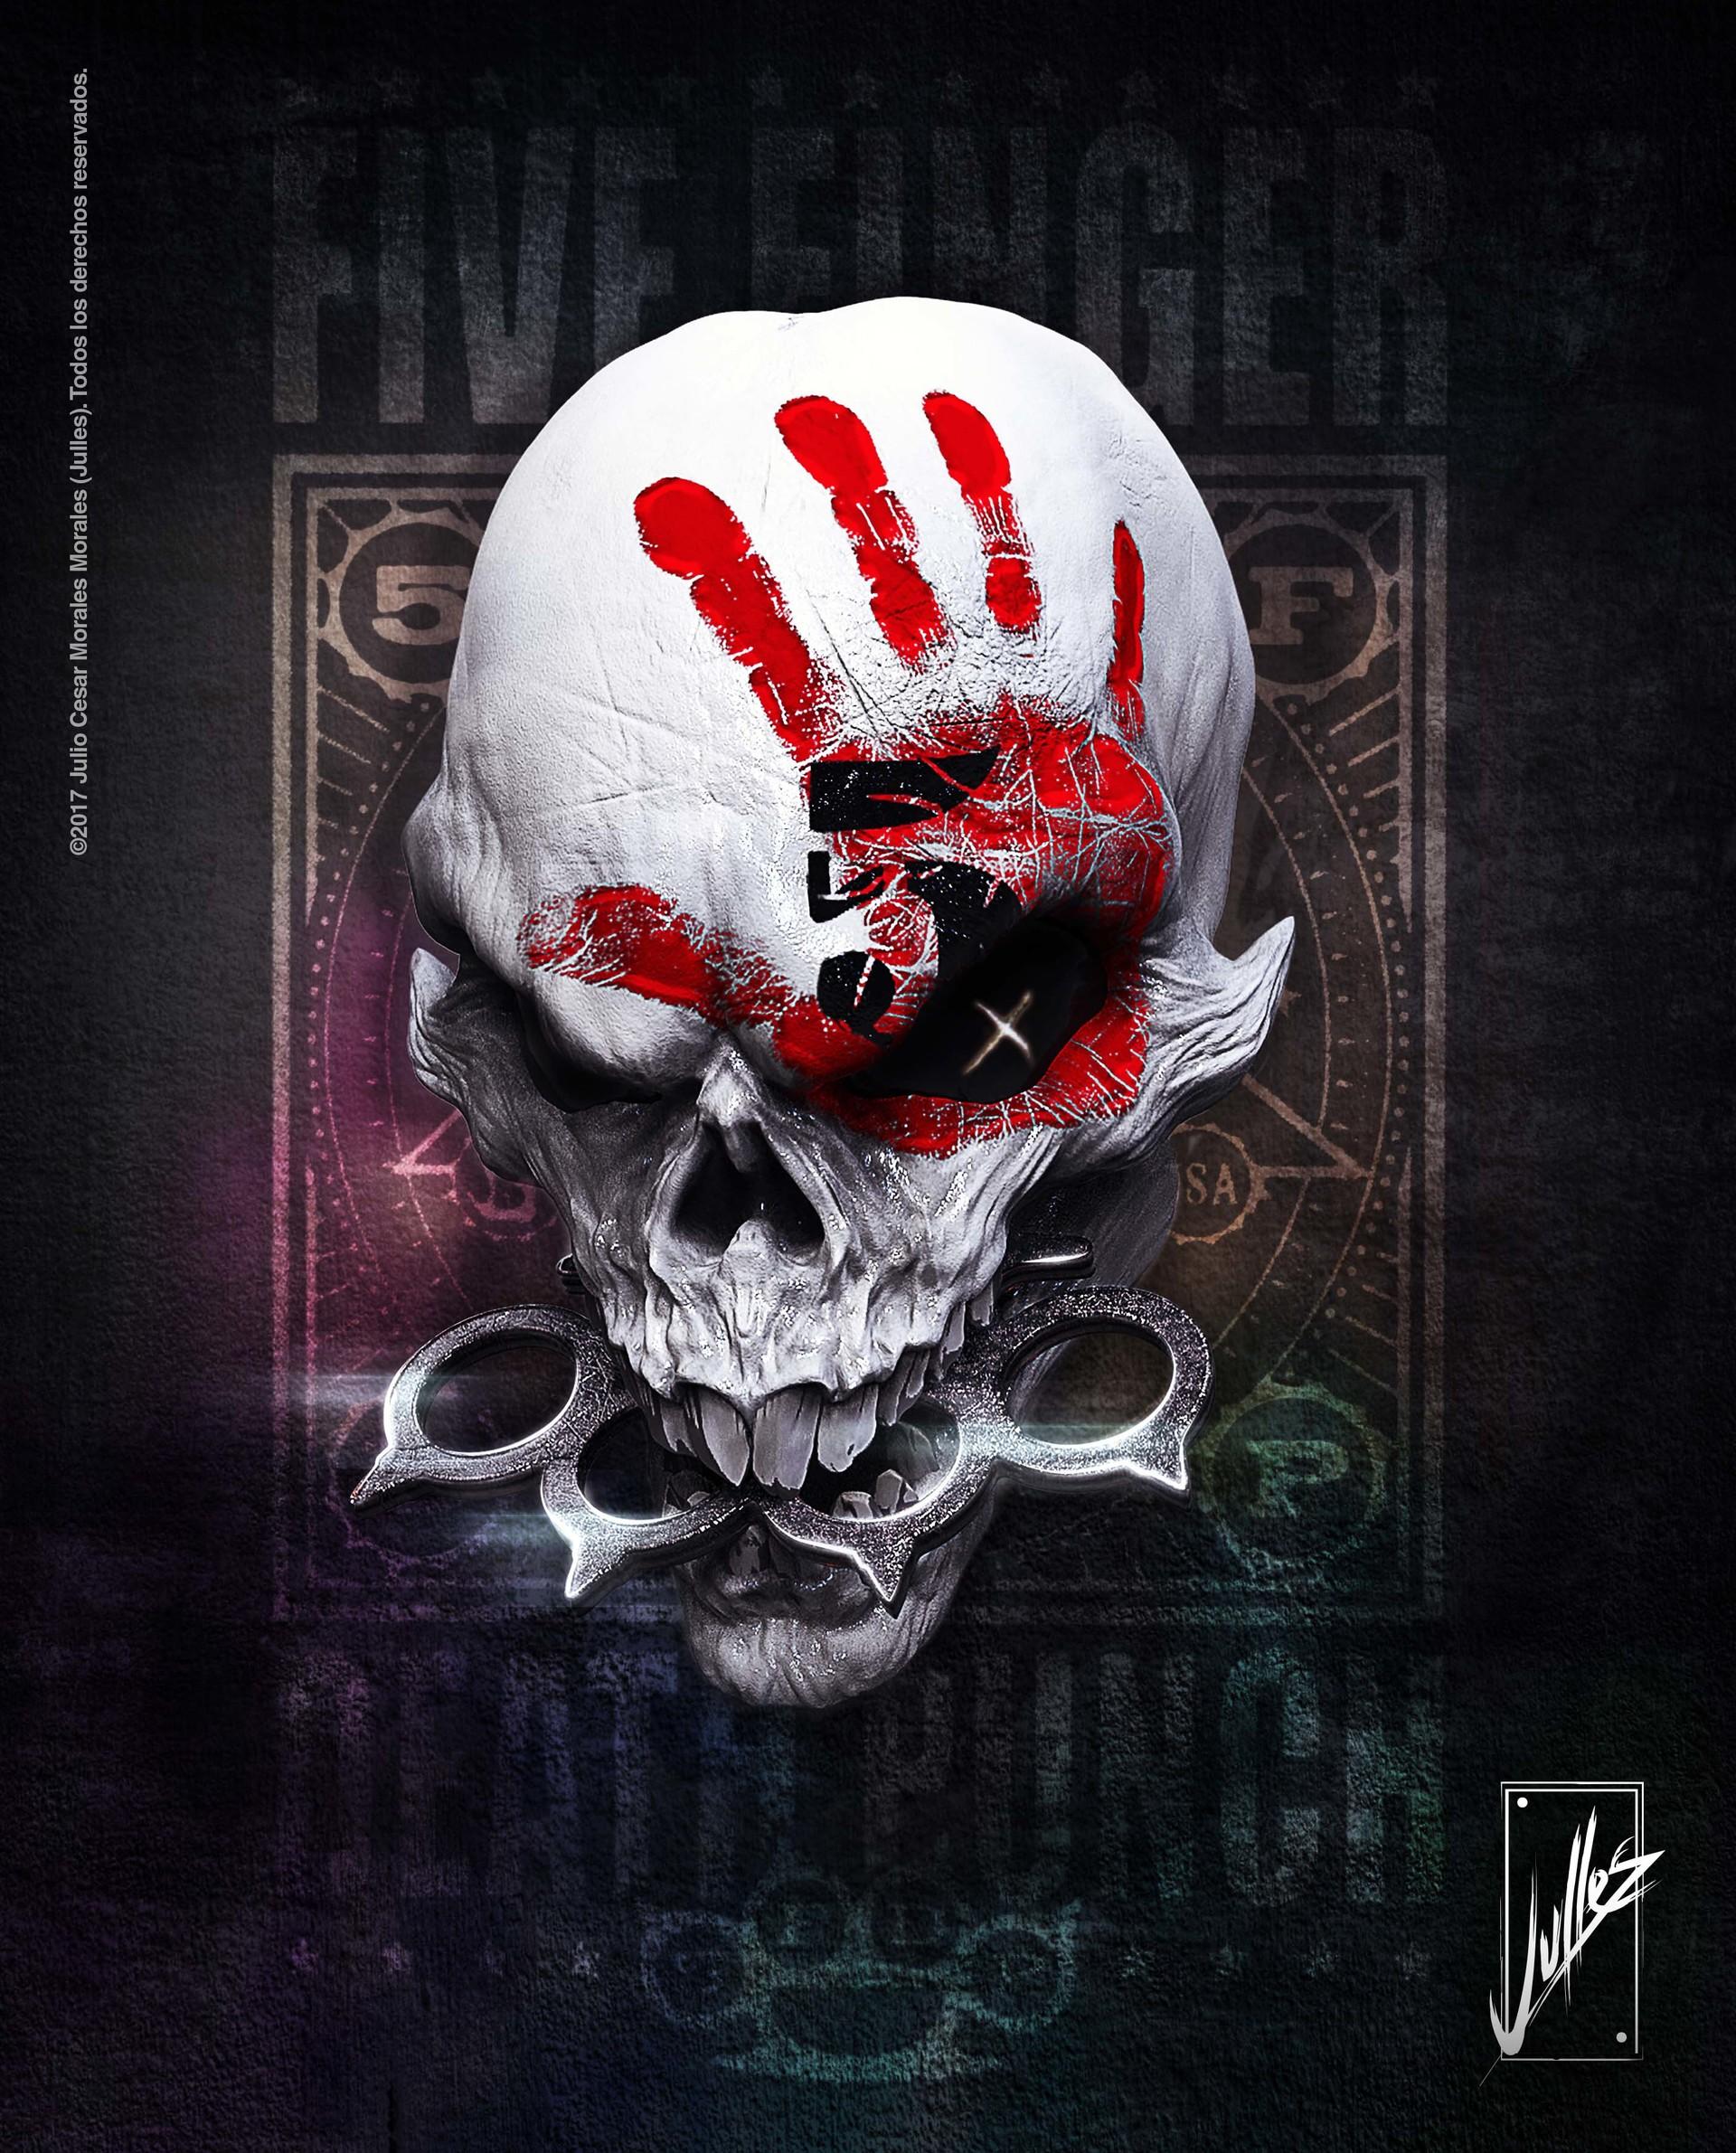 Julles Modelado Skull Five Finger Death Punch